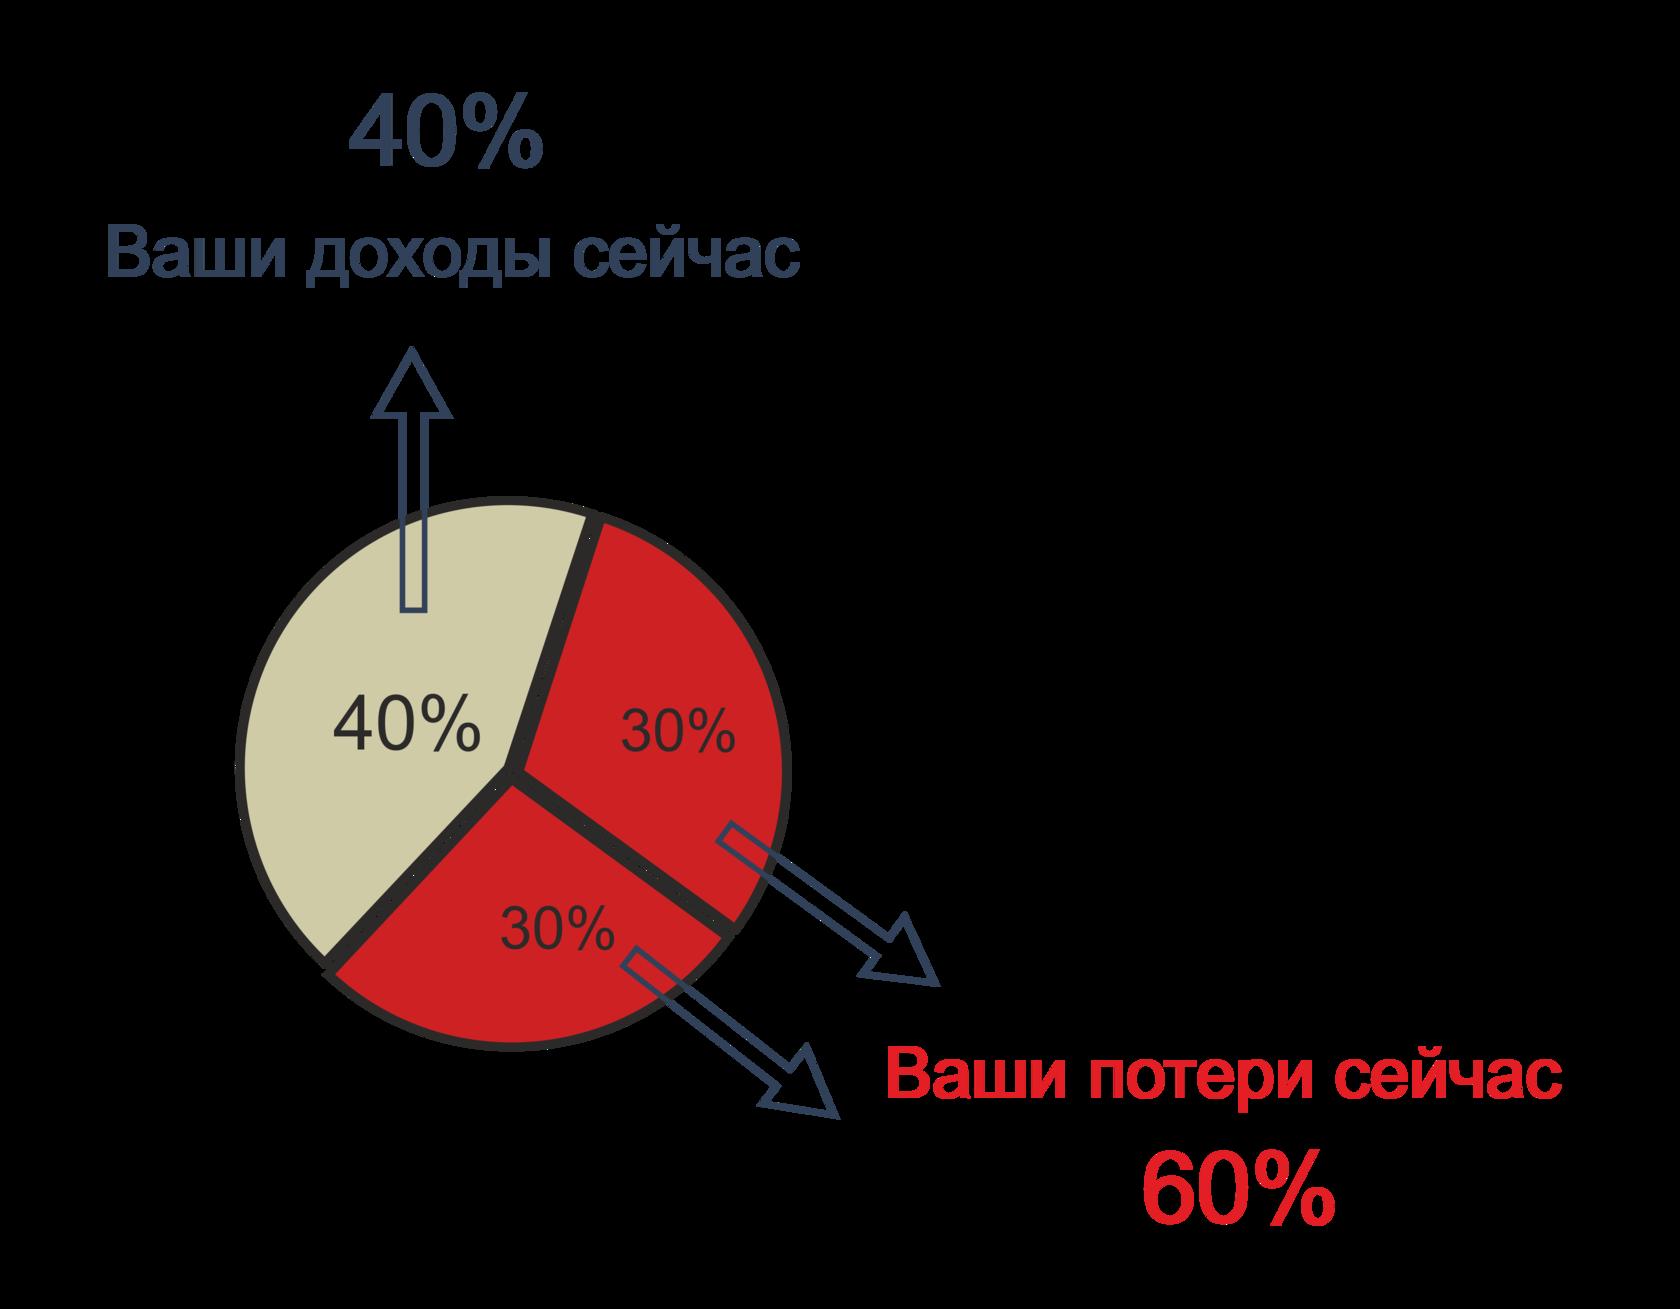 Ваши доходы Прибыльный бизнес